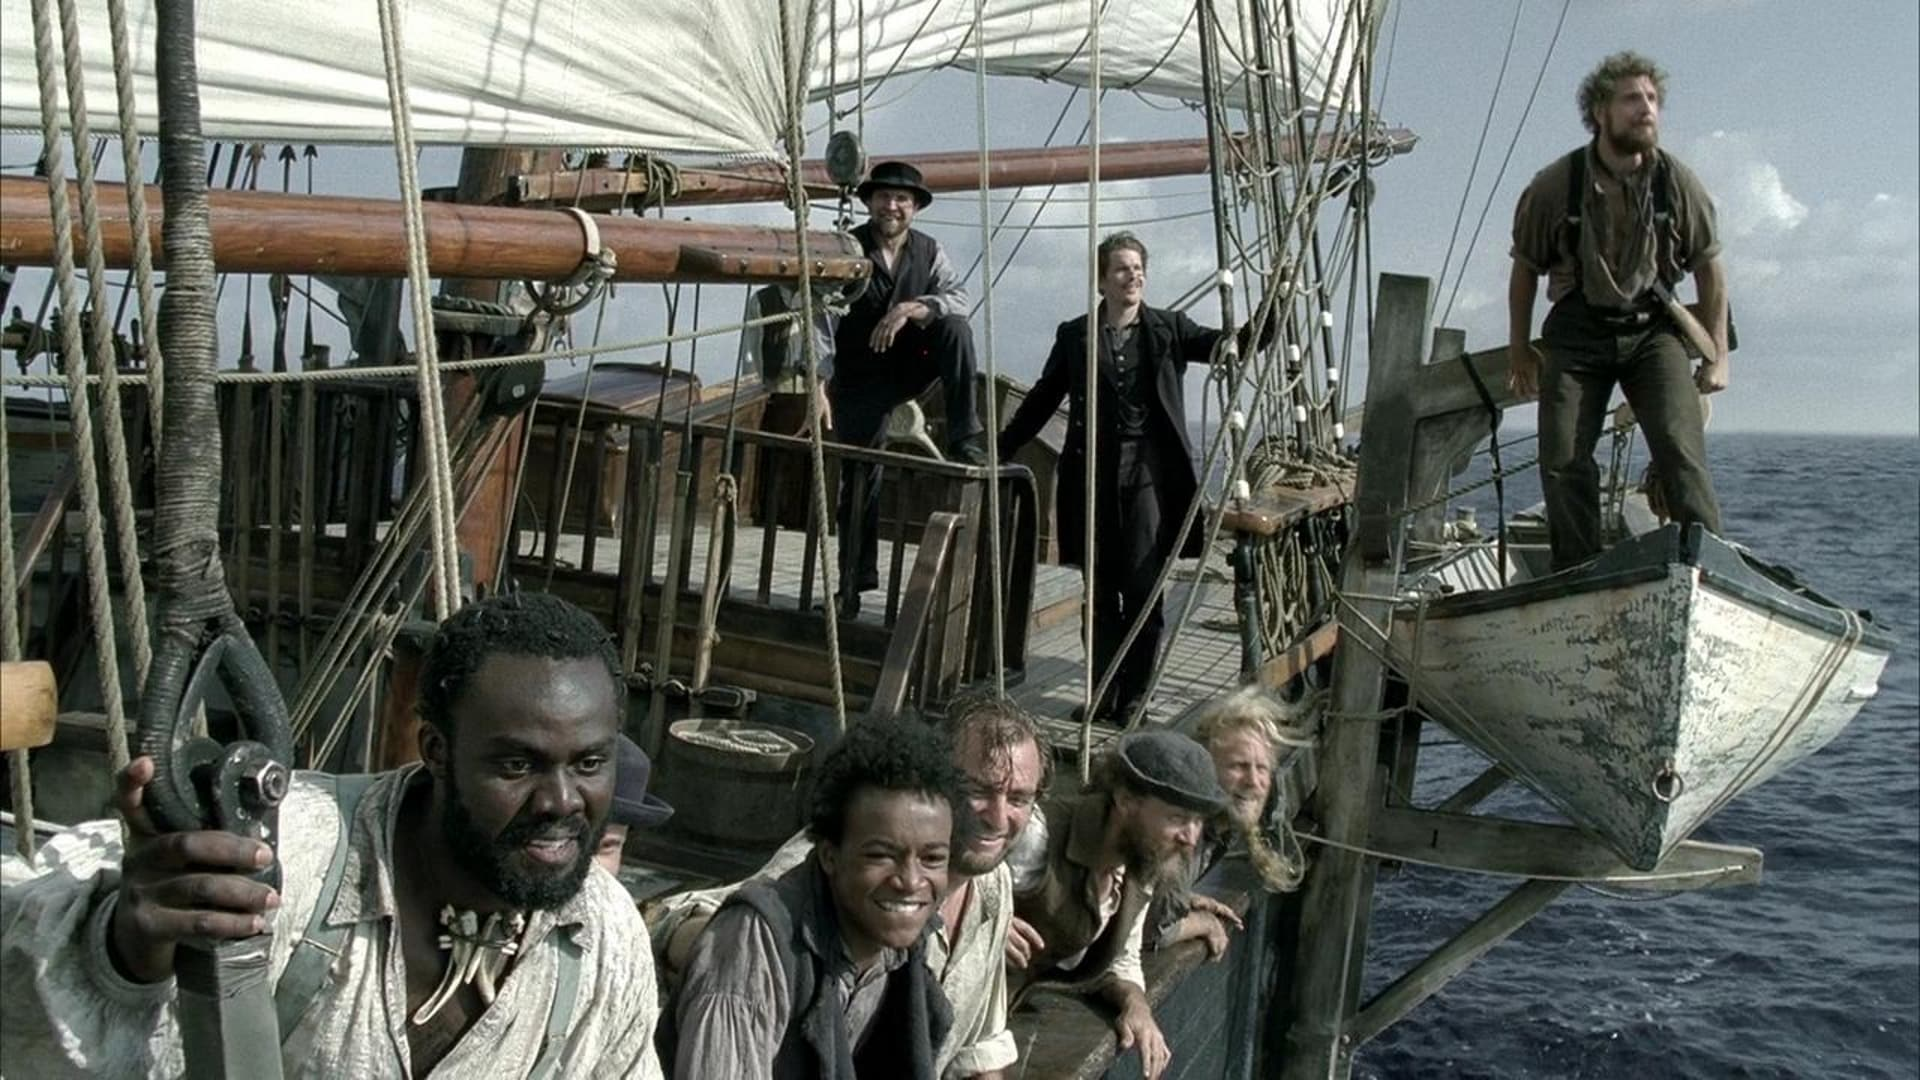 Maak kans op de miniserie Moby Dick